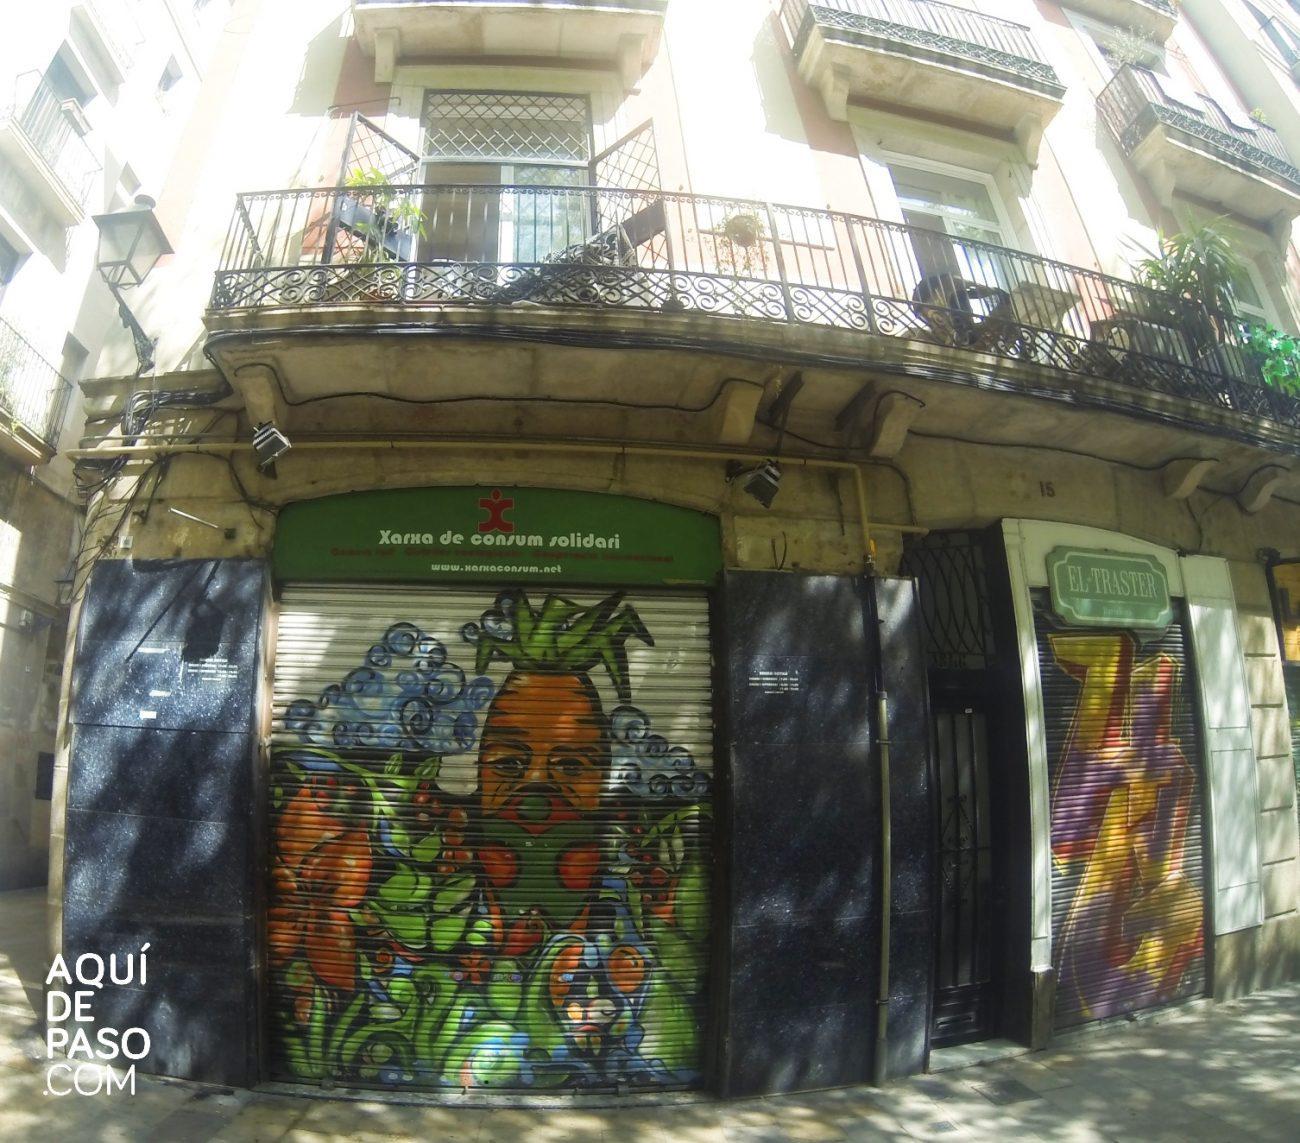 Alojamiento en Barcelona - Aquidepaso.com